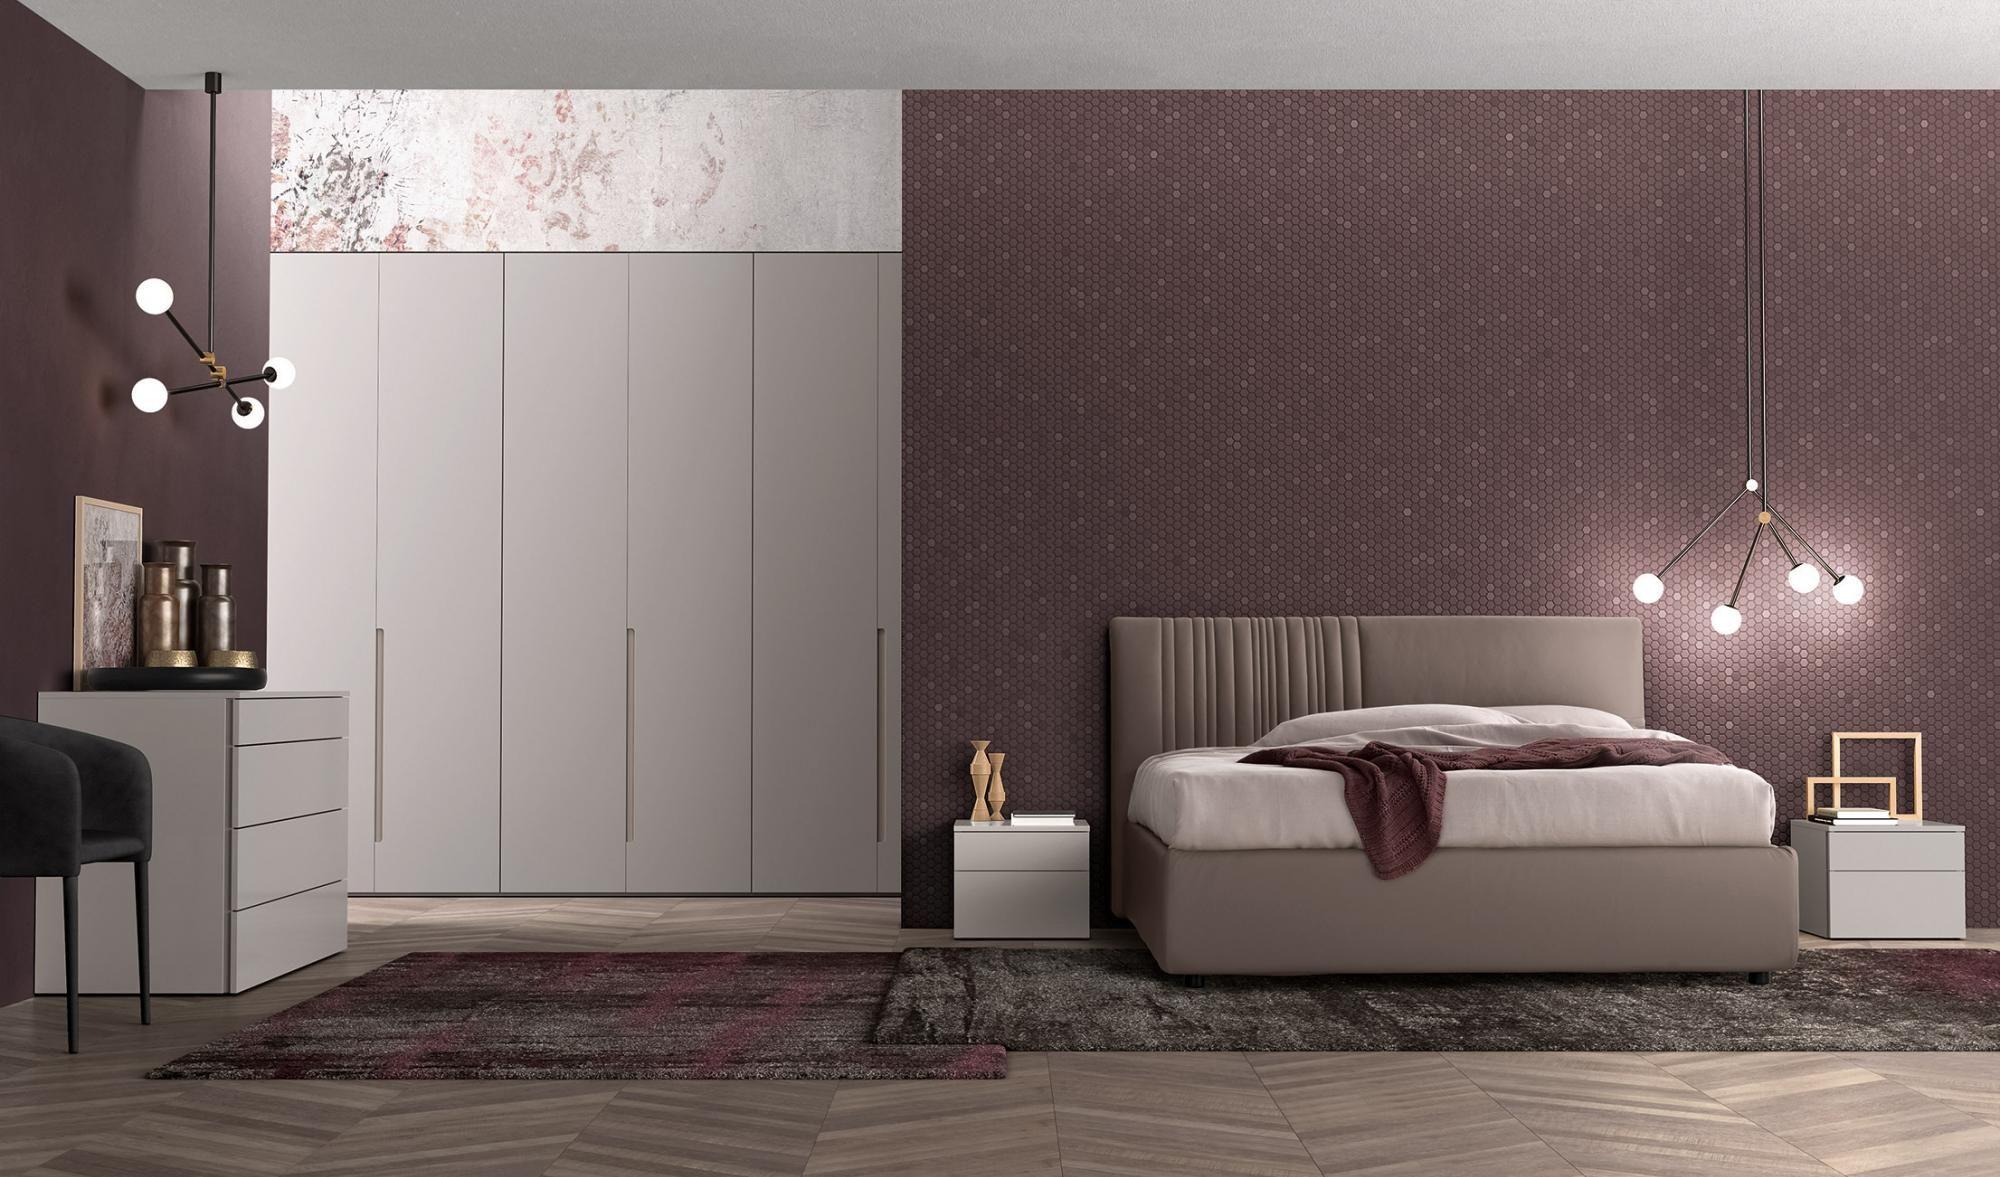 Colombini Casa - Camere matrimoniali - Vitality mod. Dream ...